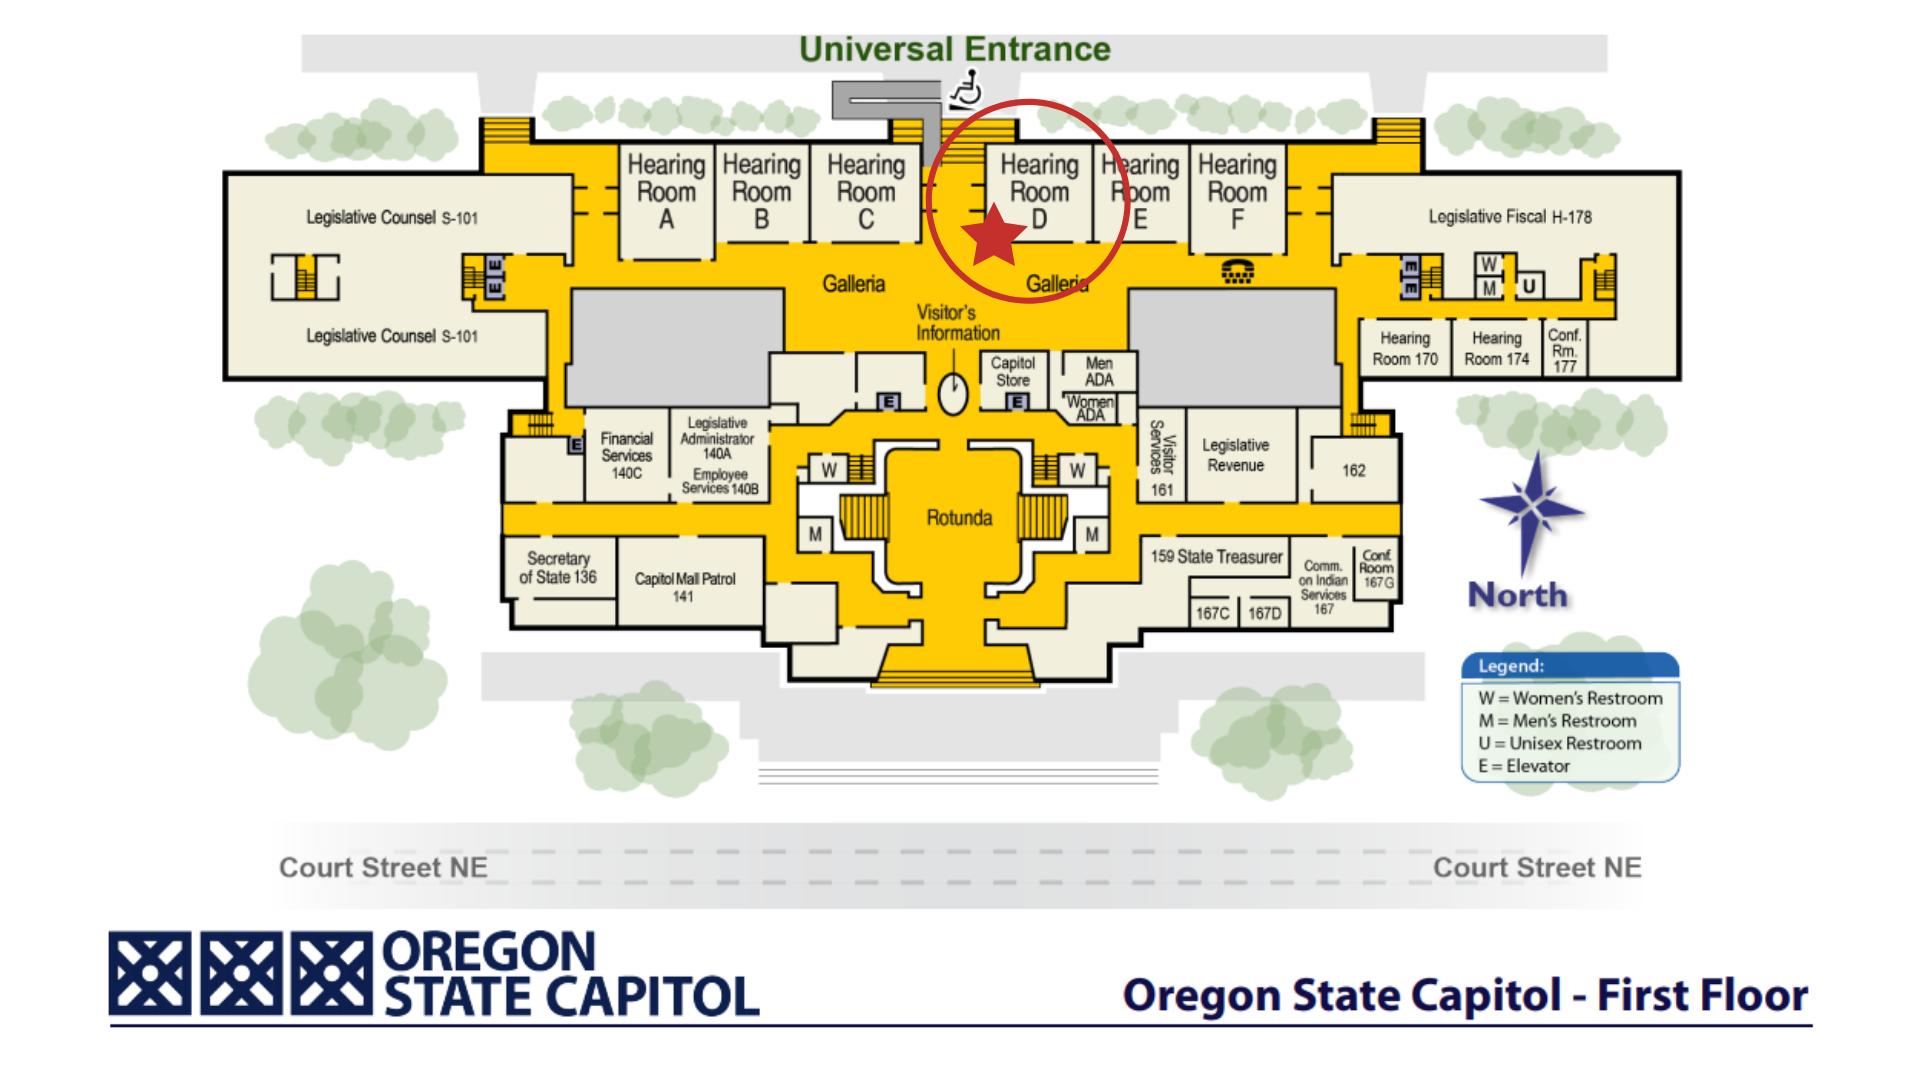 Oregon Capitol Hearing Room D